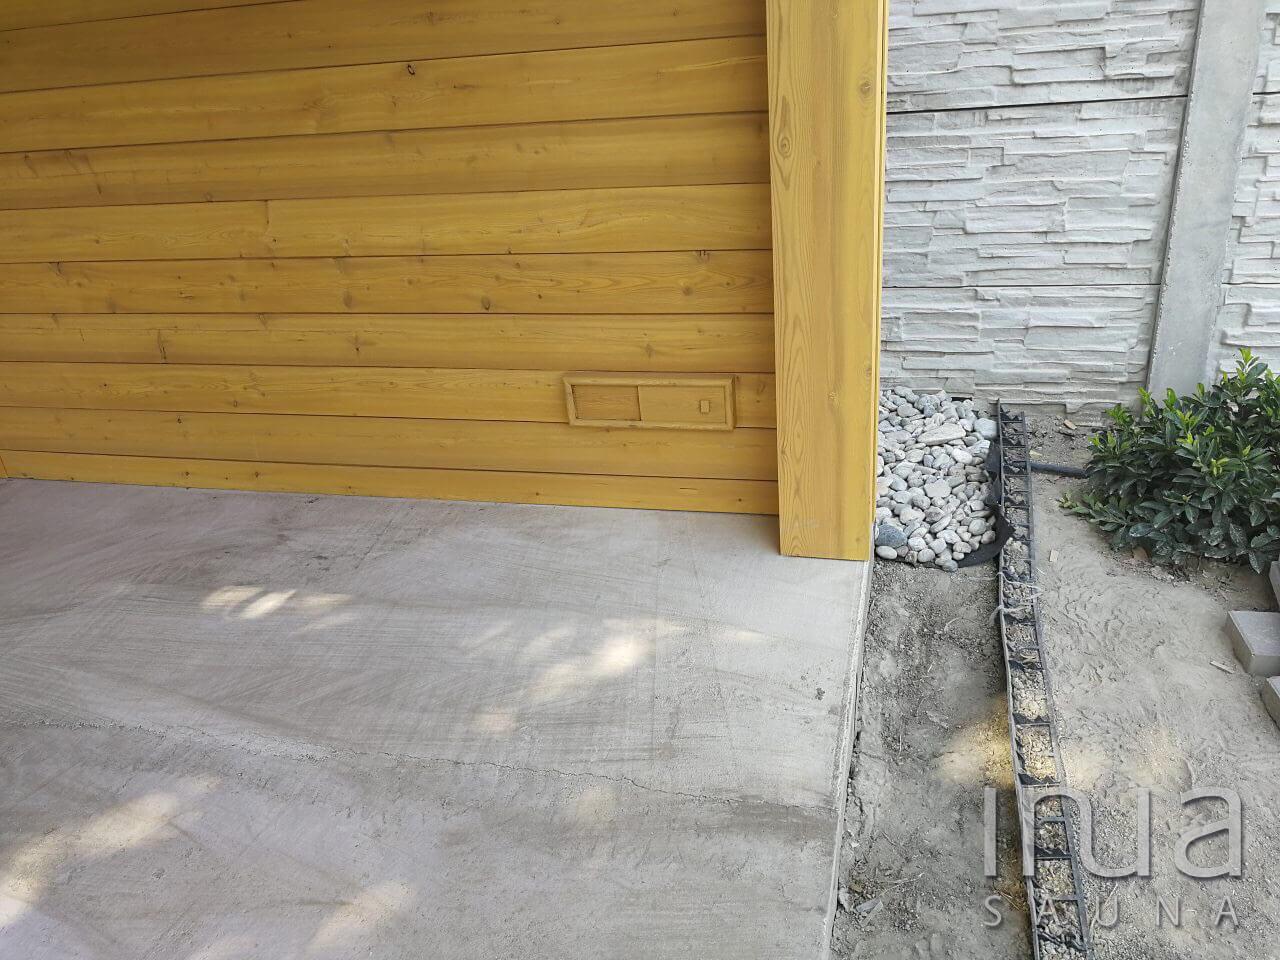 Egy korábbi elégedett megrendelőnk egy újabb kéréssel fordult hozzánk, miszerint az udvarát bővíteni szeretné egy olyan faházzal, ahol felhőtlenül kikapcsolódhat a családjával.